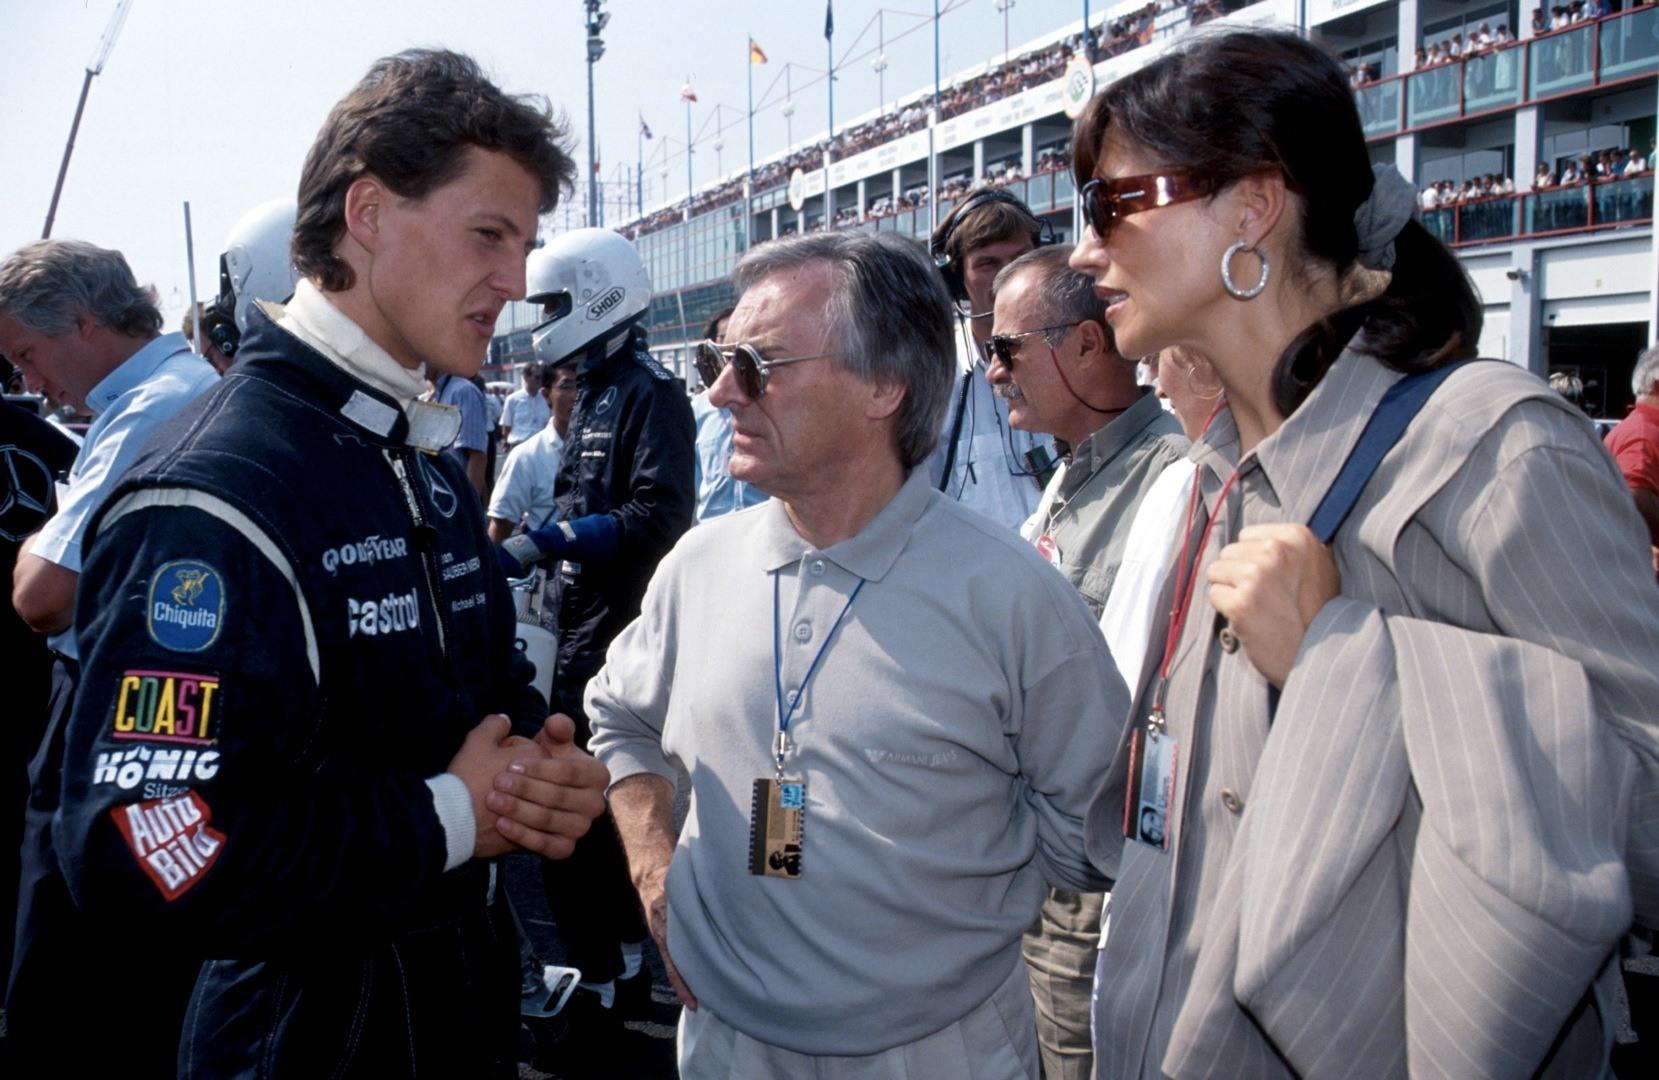 Wikipedia'da Sep 1991 yazsa da LeMans esnasında çekildiğini tahmin ettiğim fotoğraf... Bernie aslında kancayı çoktan takmış Schumacher'e.